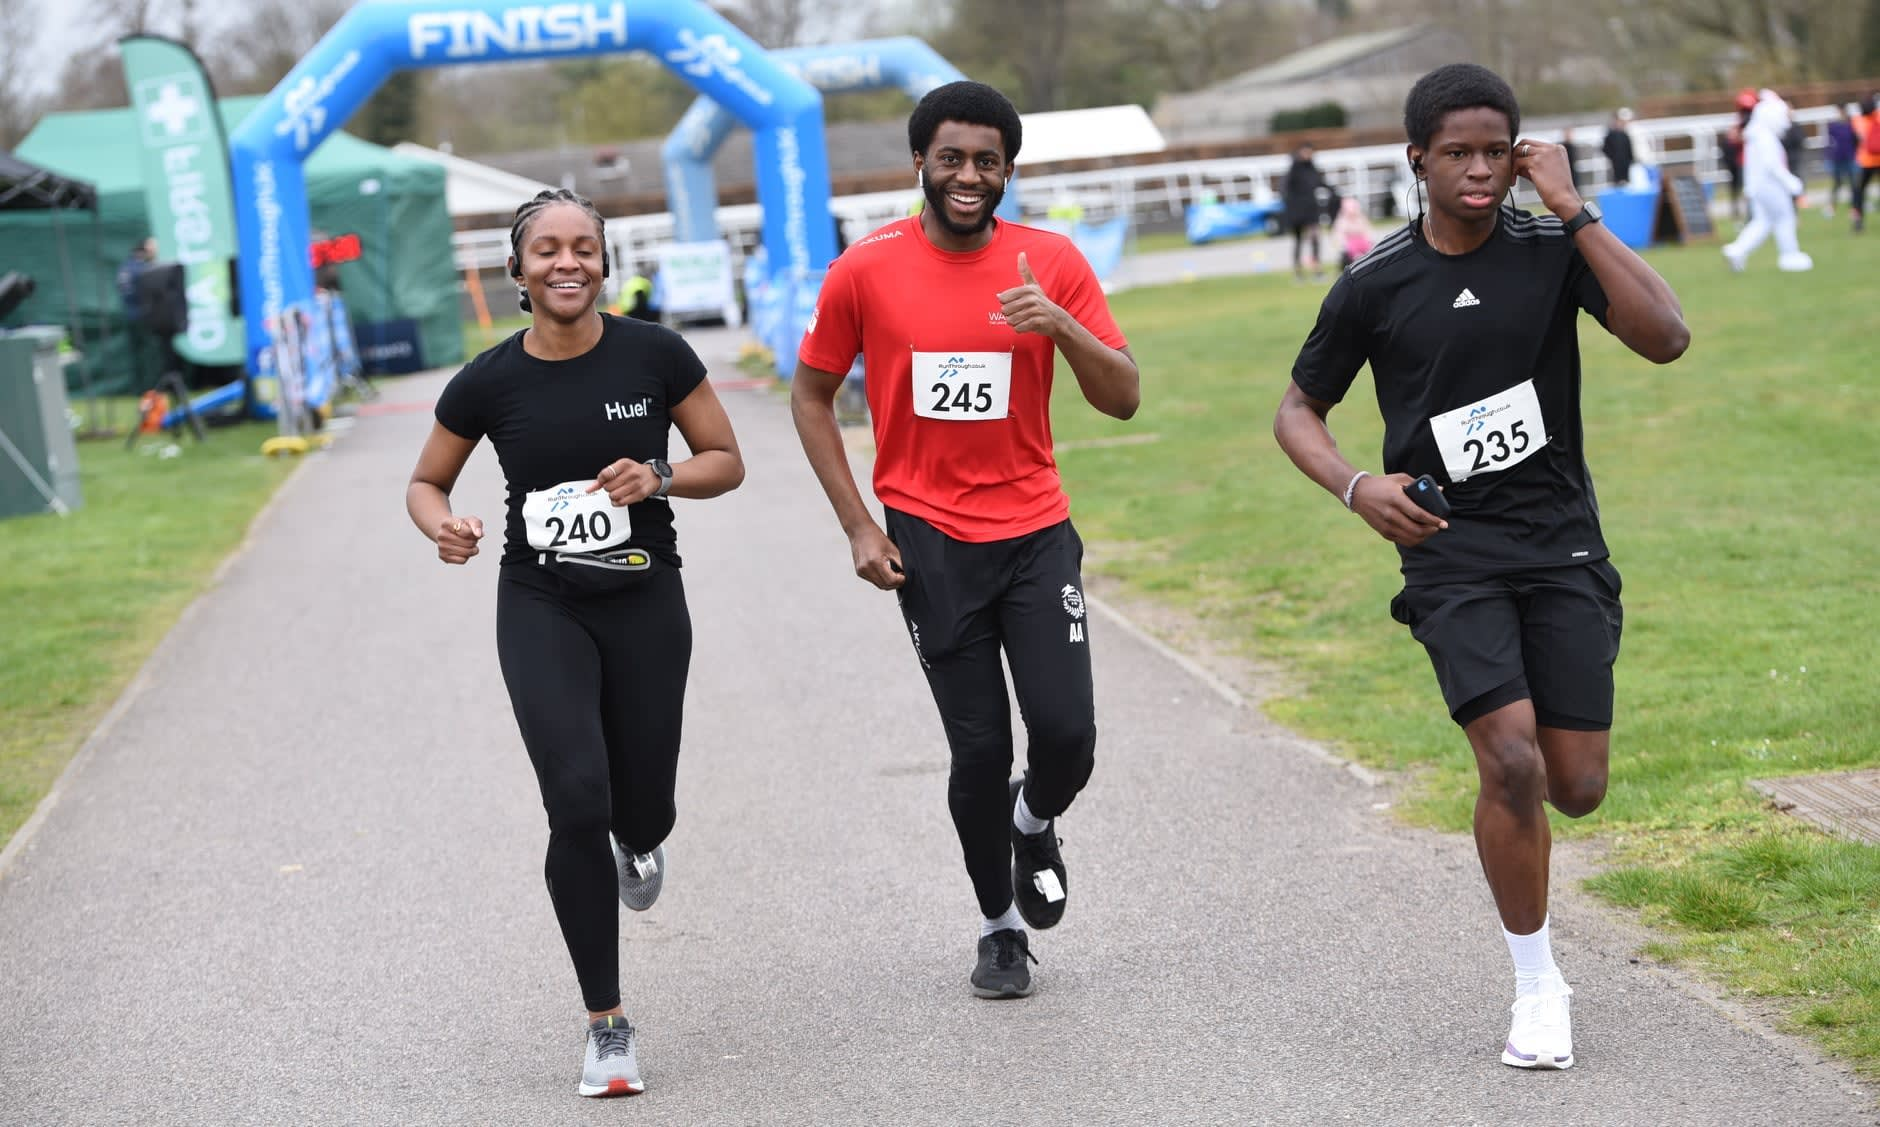 Kempton Park 5k, 10k, & Half Marathon - October